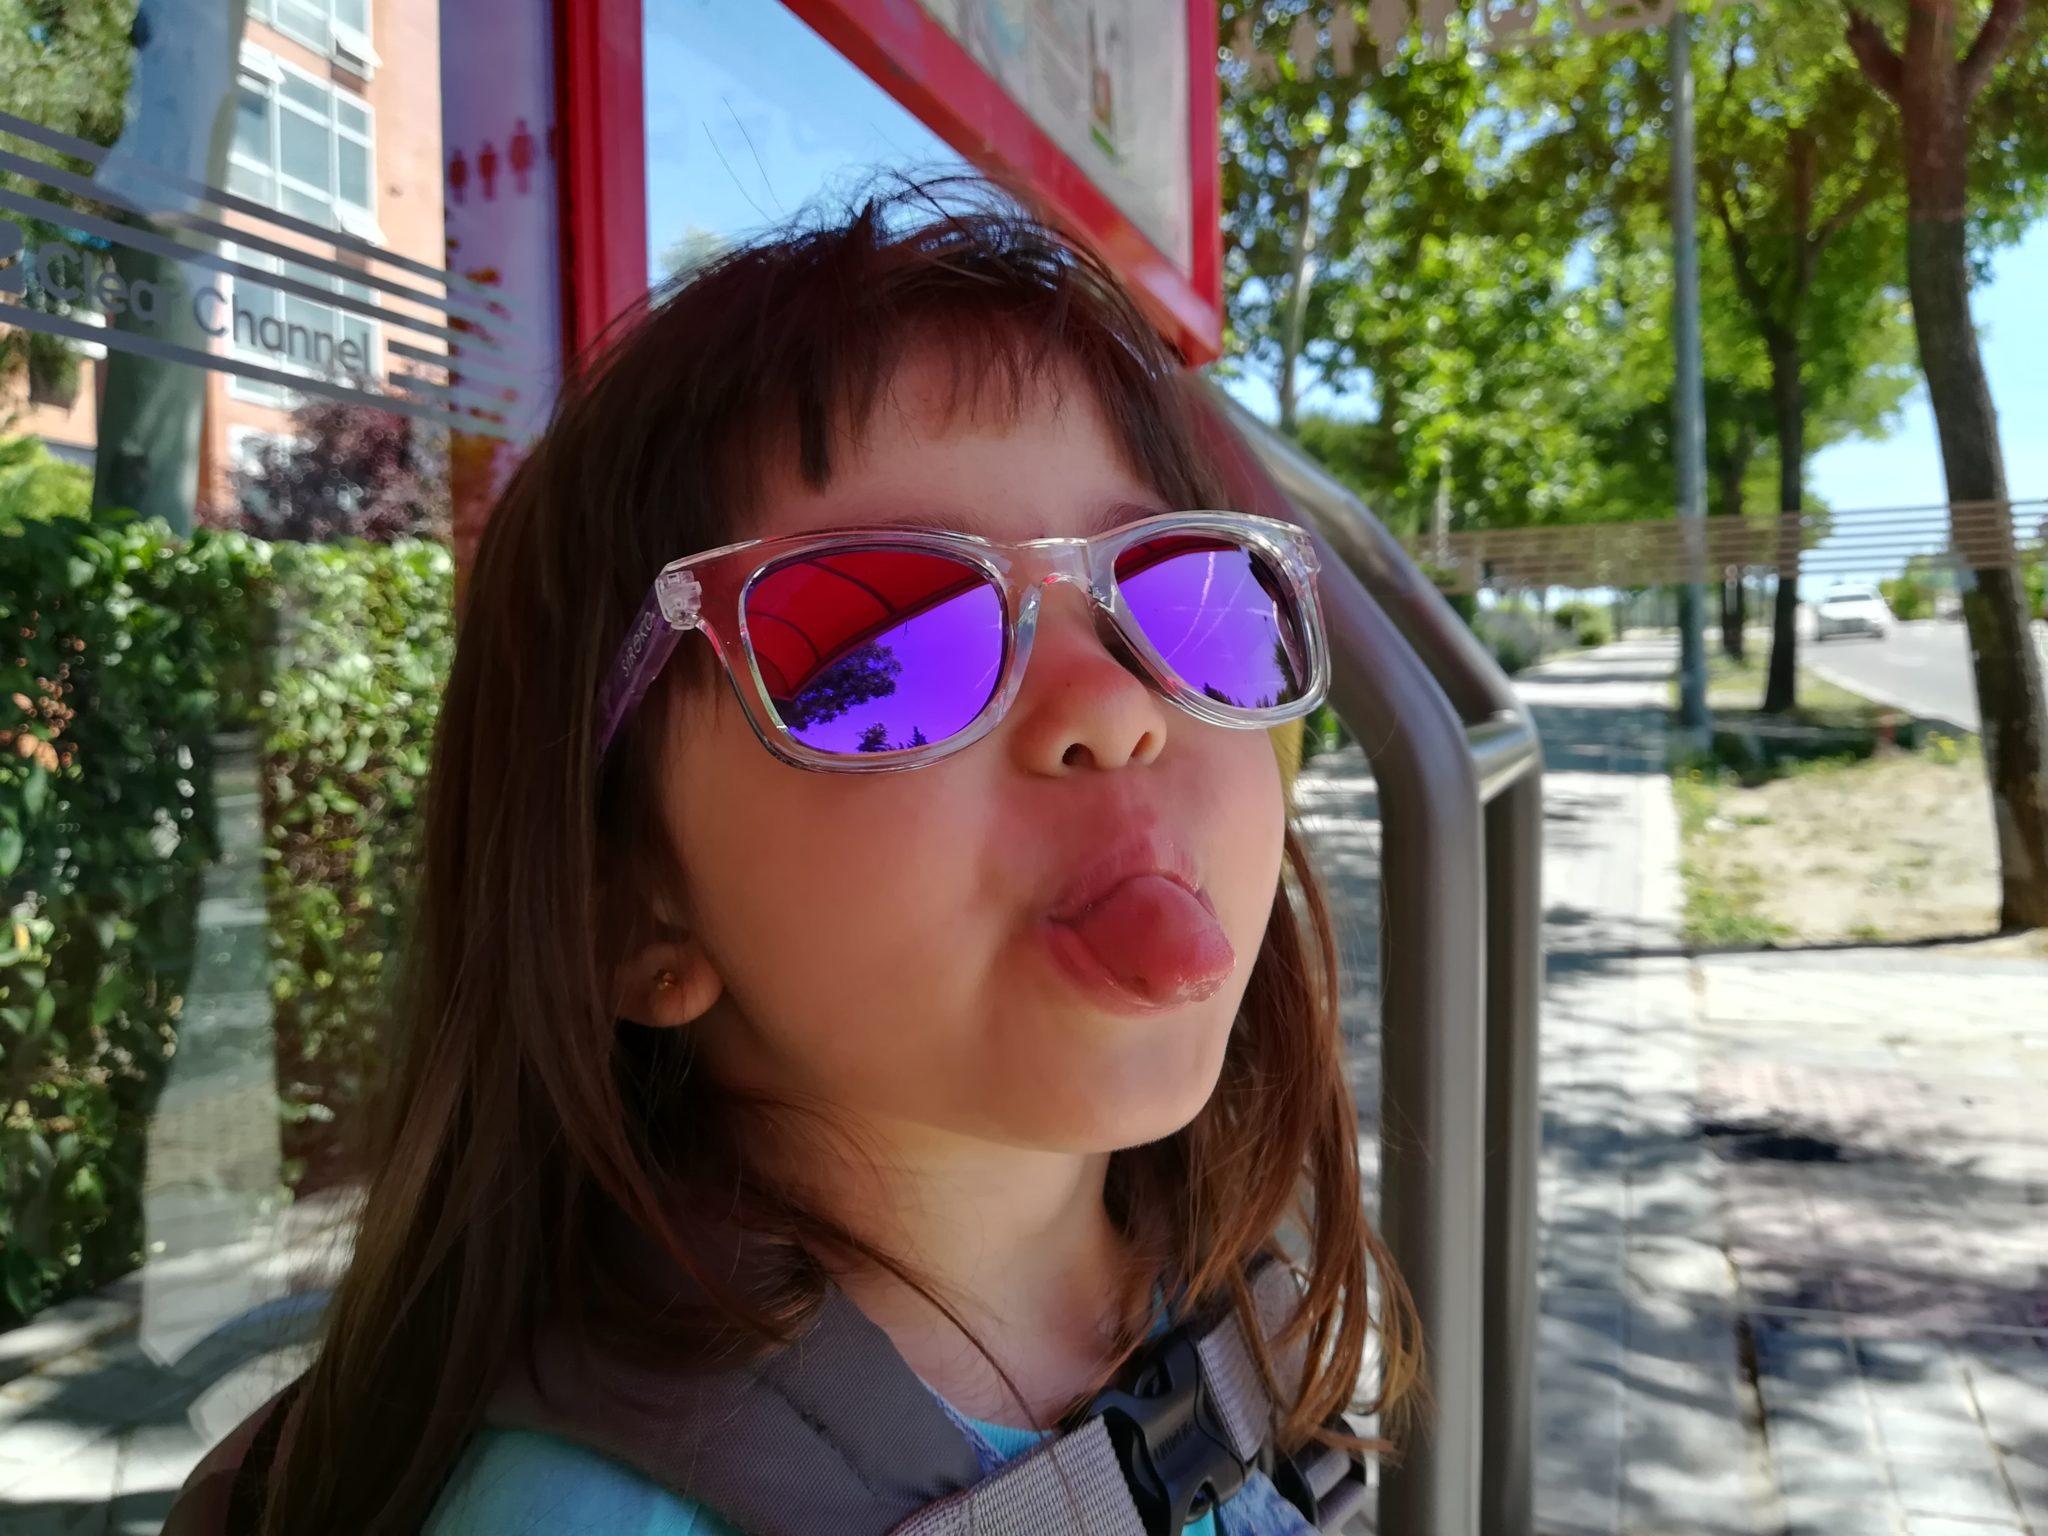 IMG 20180619 122737 1 - Gafas de sol para niños. Cual escoger?